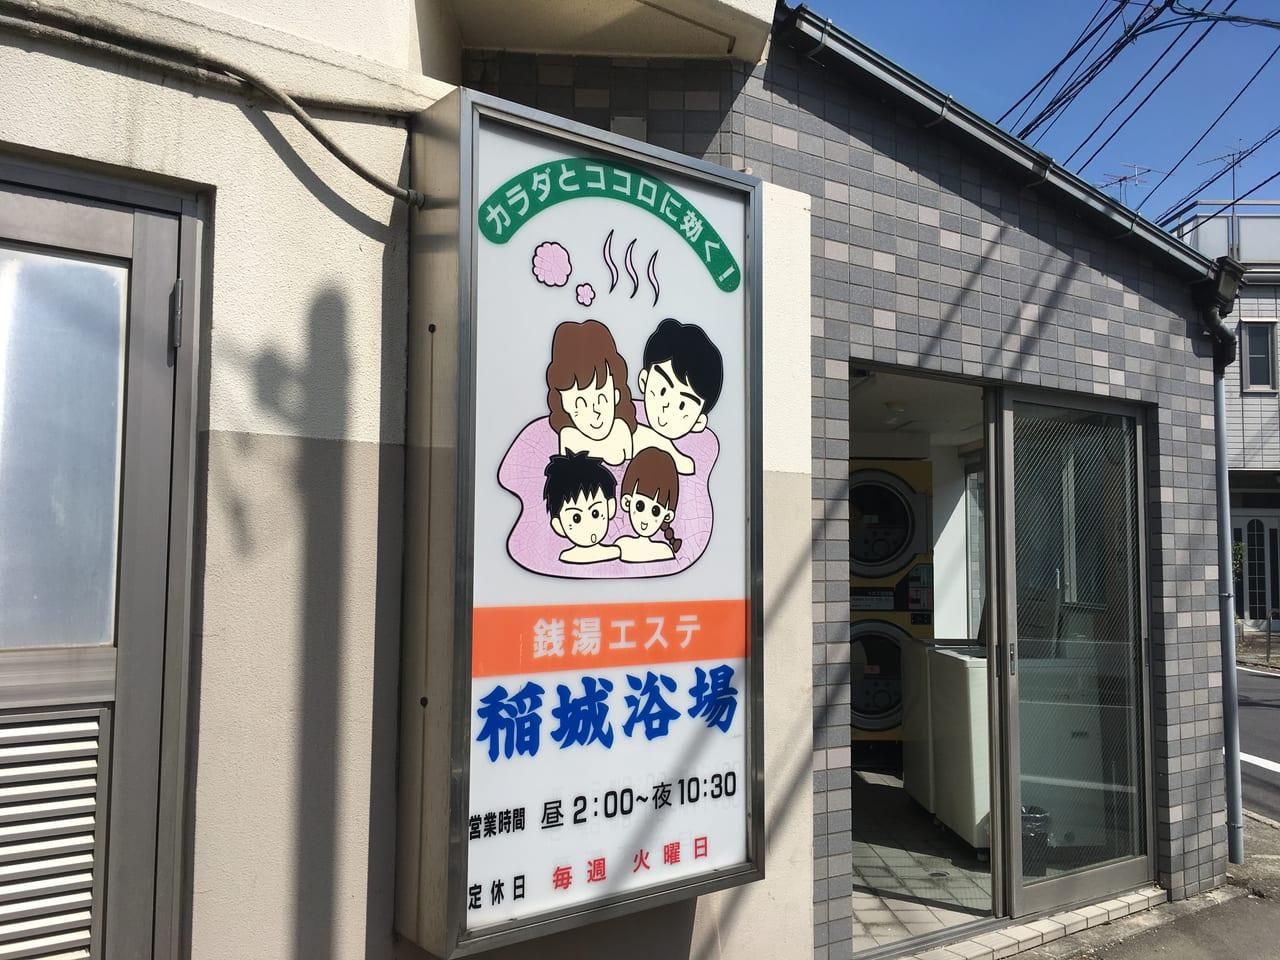 7月7日七夕は稲城浴場で七夕湯が開催